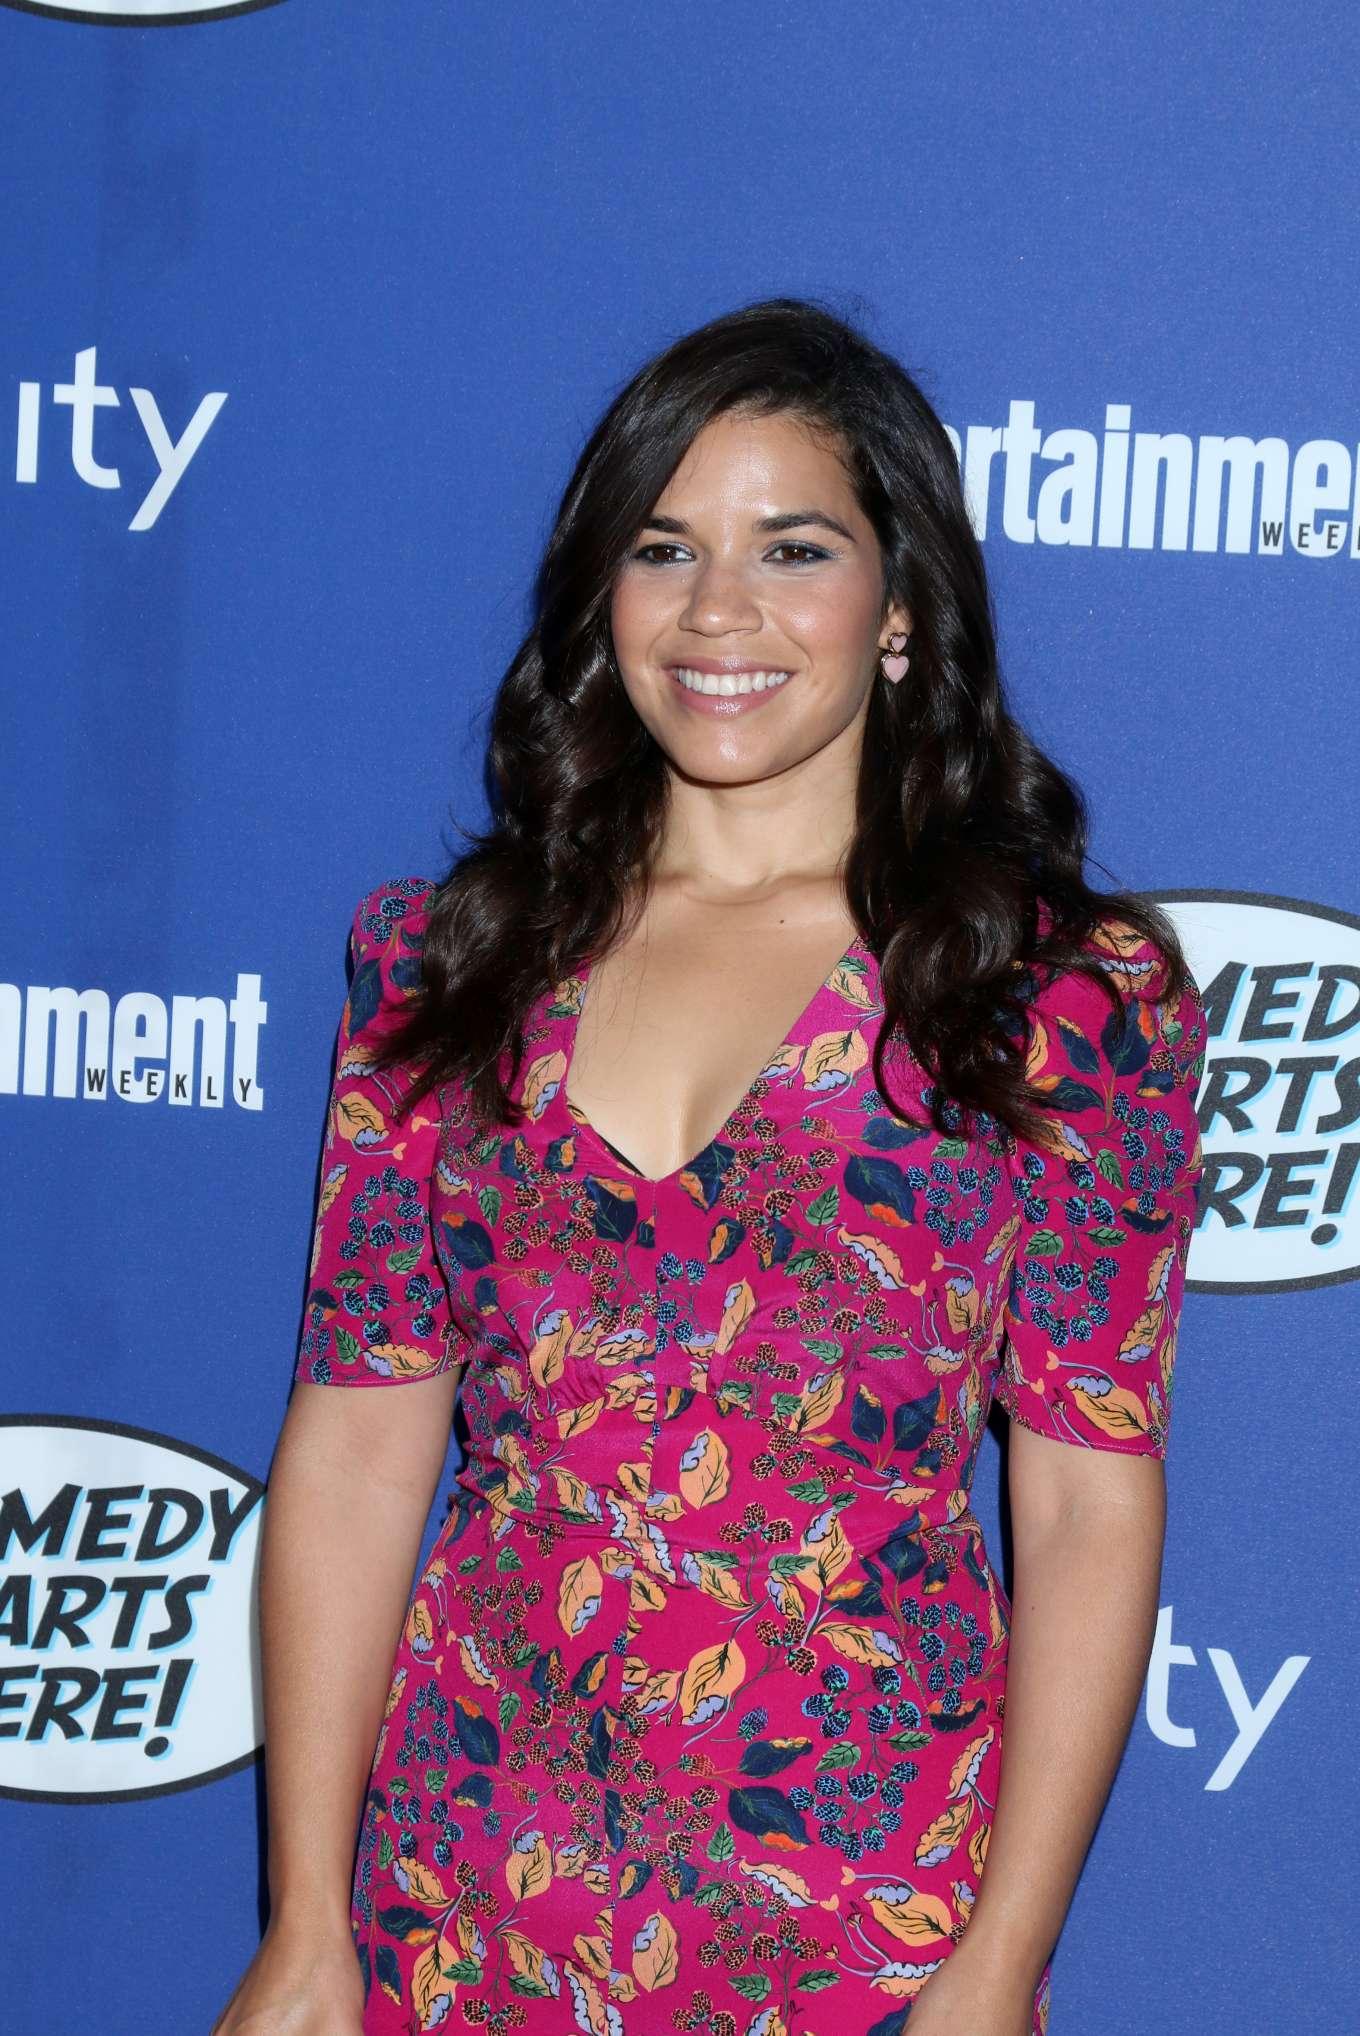 America Ferrera - NBC Comedy Starts Here Event in Los Angeles